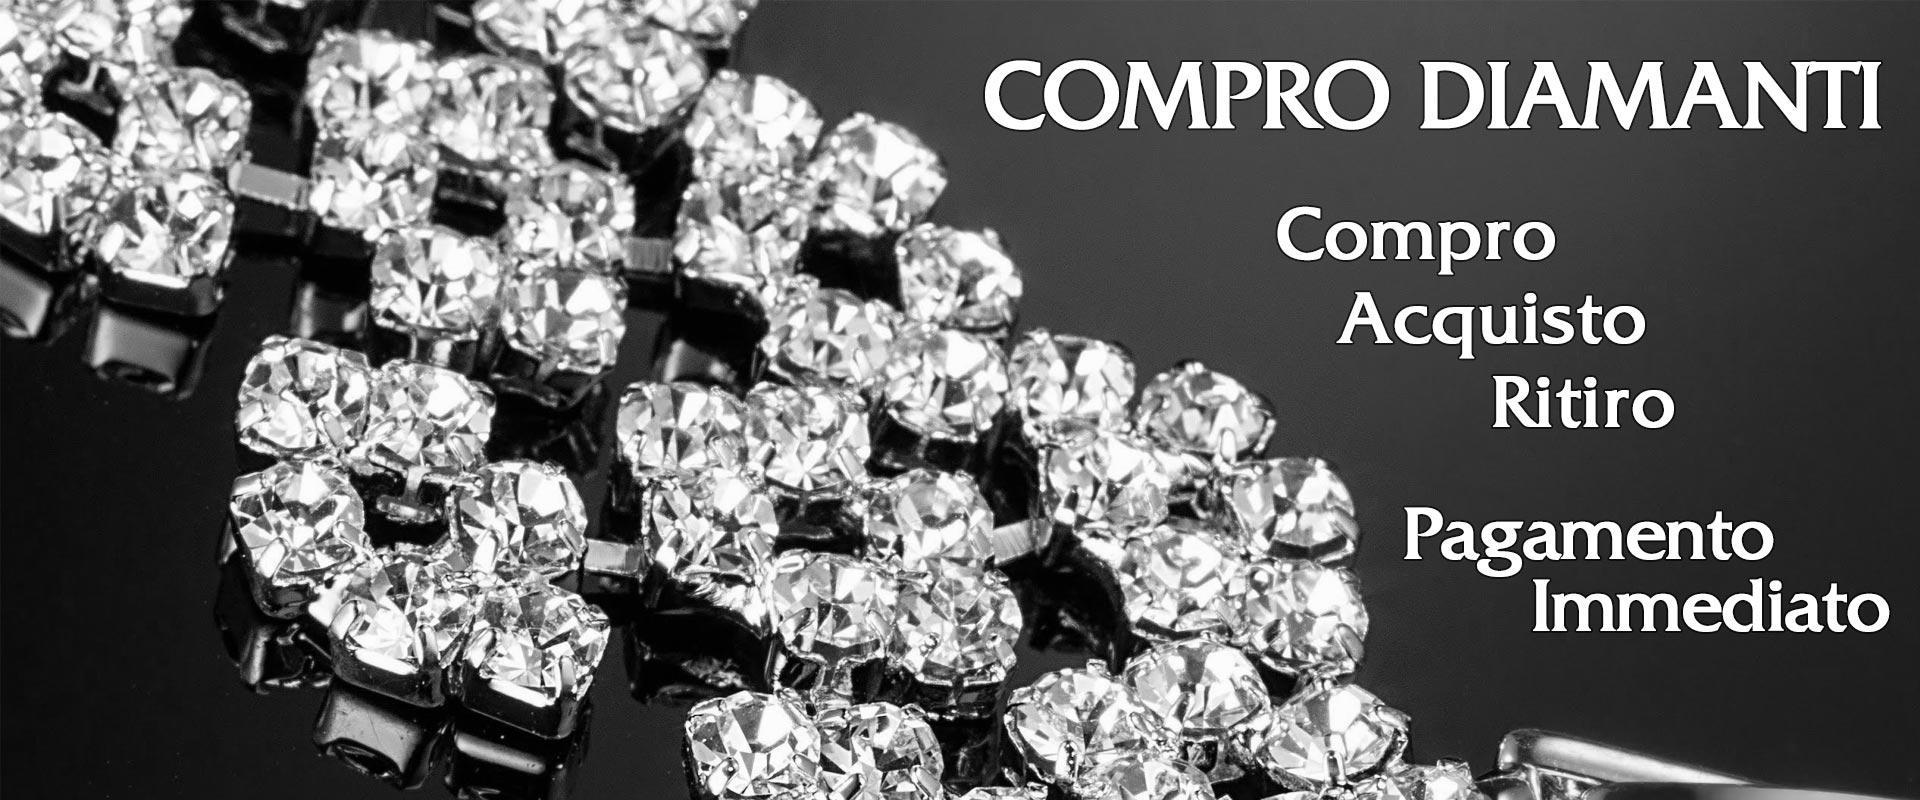 Compro diamanti usati